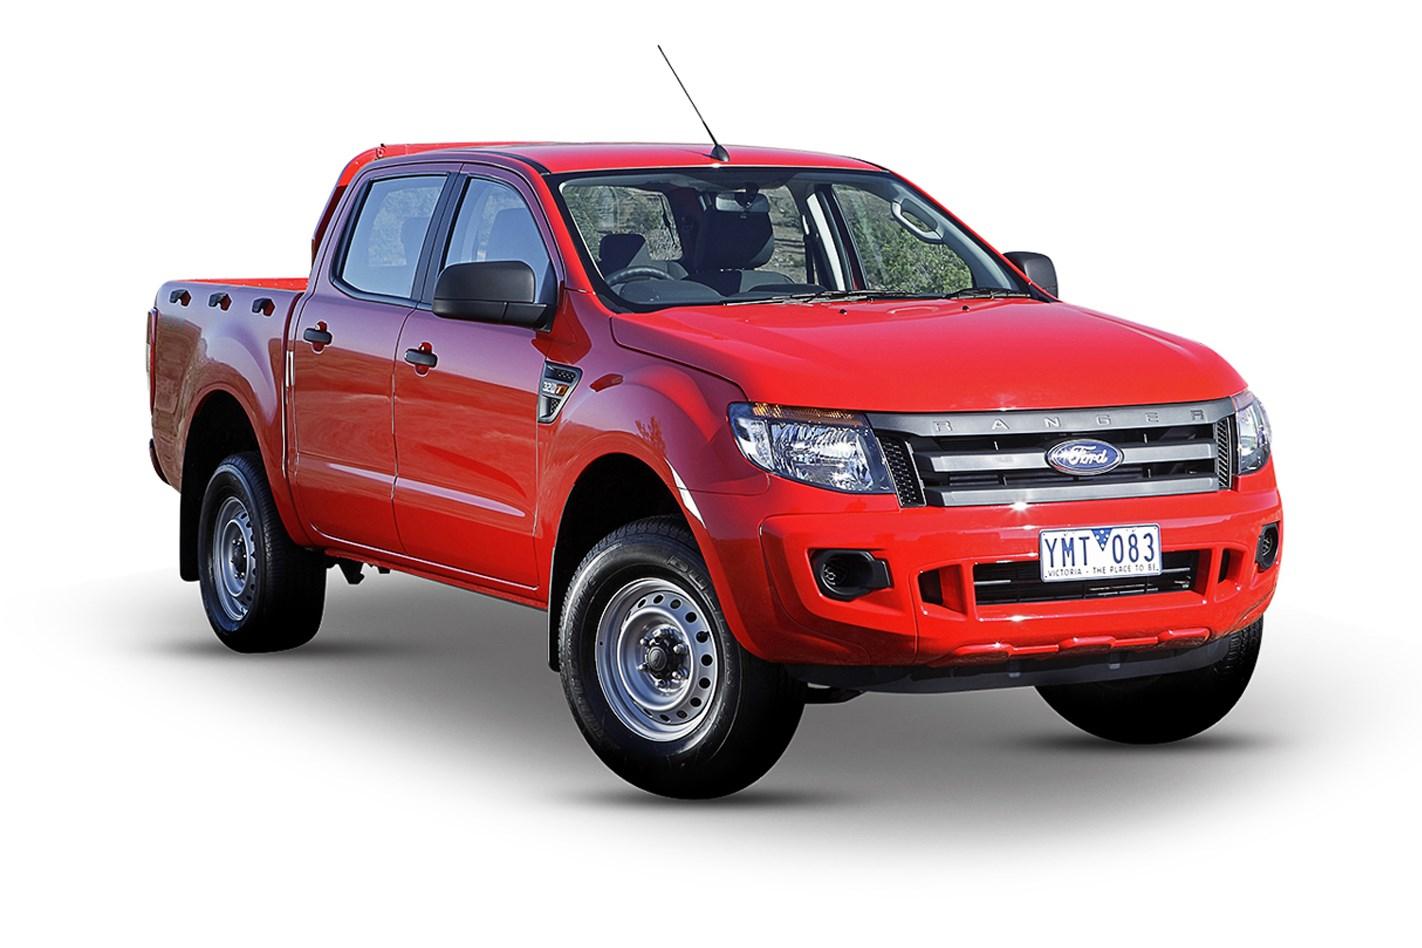 2017 ford ranger xl 2.2 (4x4), 2.2l 4cyl diesel turbocharged